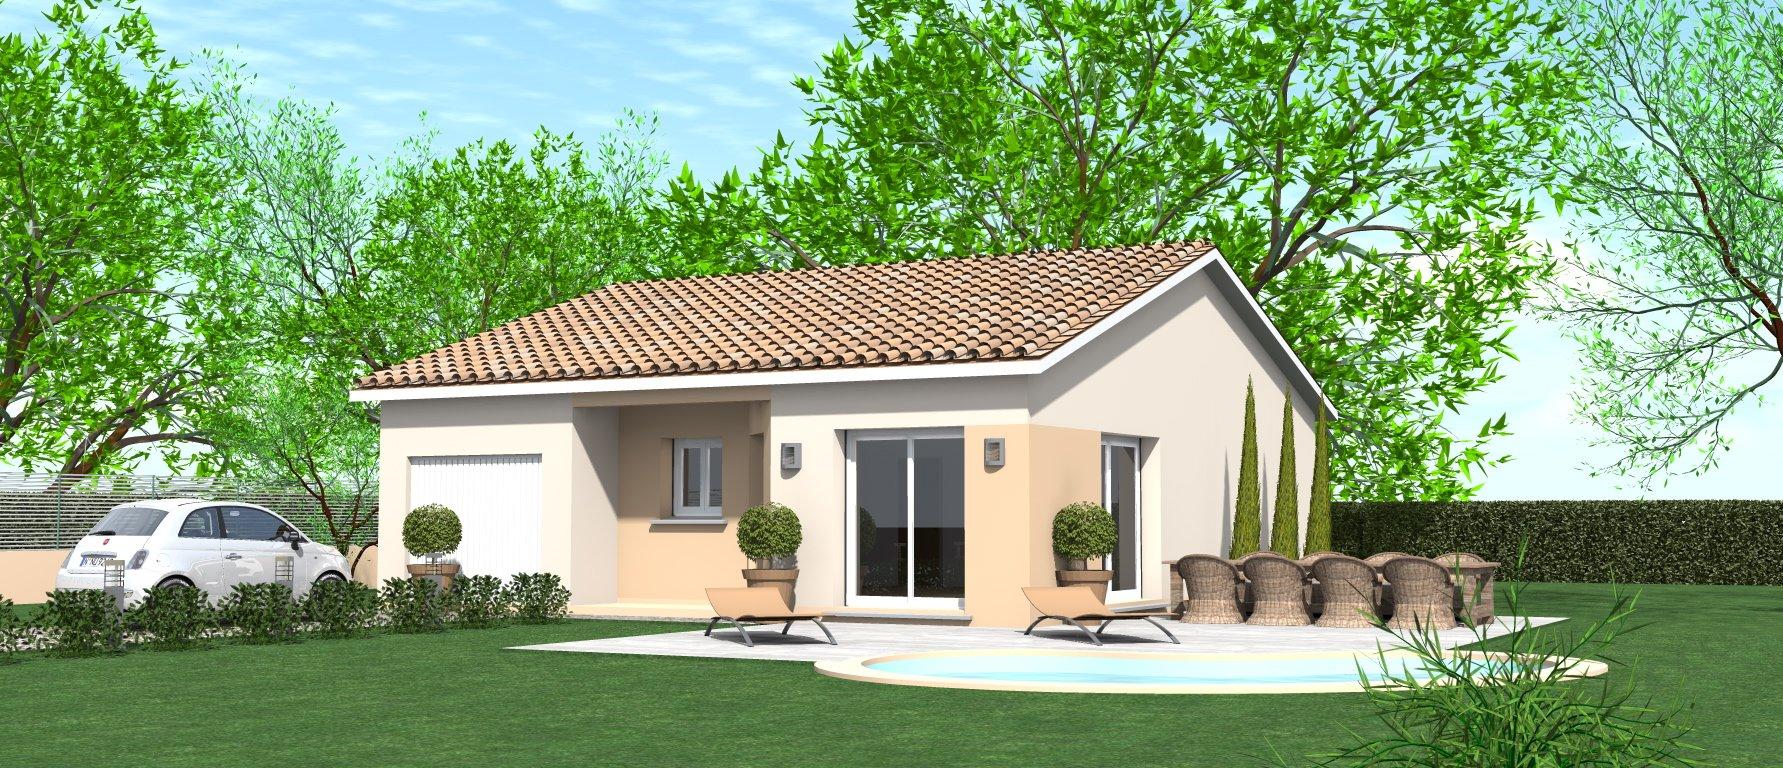 Maisons du constructeur HOME GROUP CONSEILS • 80 m² • COLOMBE